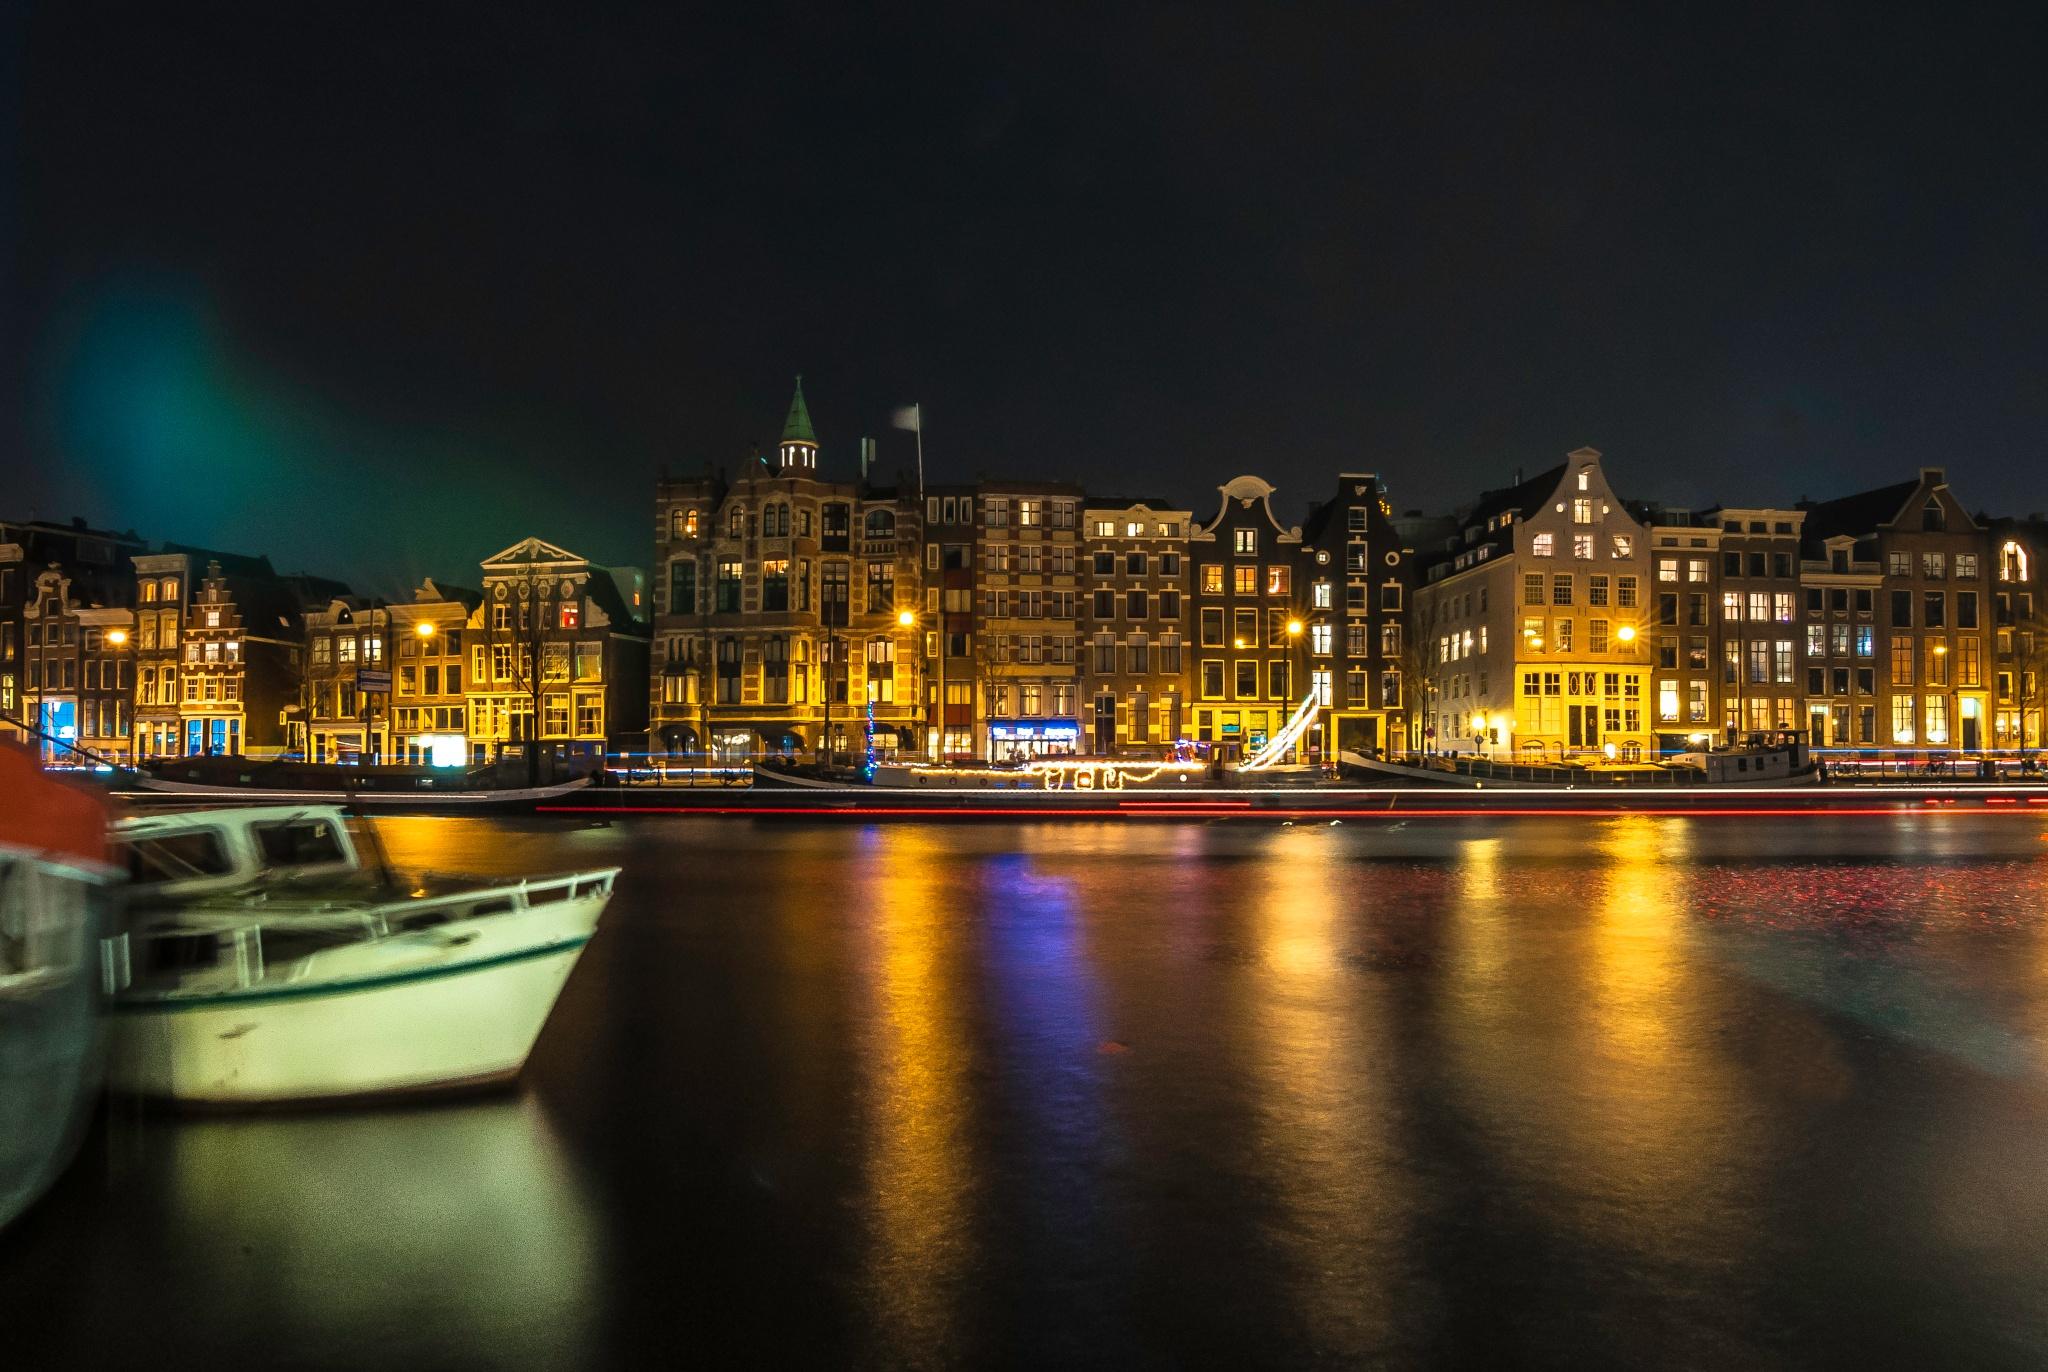 amsterdam canal by Krishanu Roy